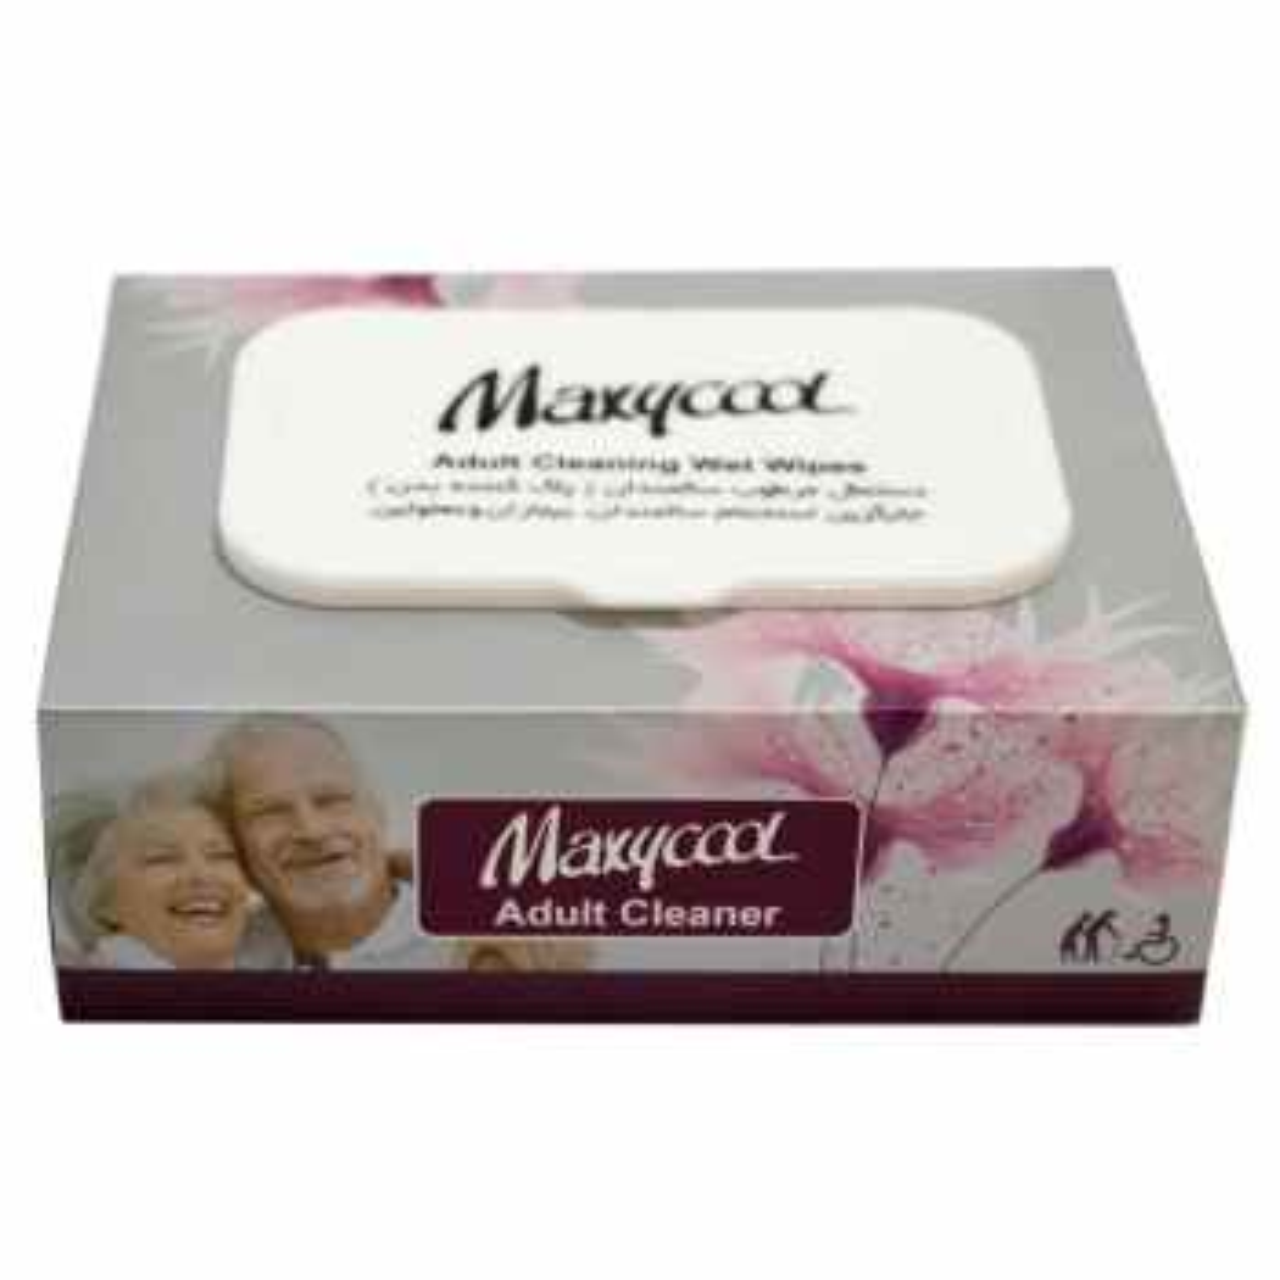 دستمال مرطوب پاک کننده سالمندان ماکسی کول مدل Adult Cleaner بسته 40 عددی